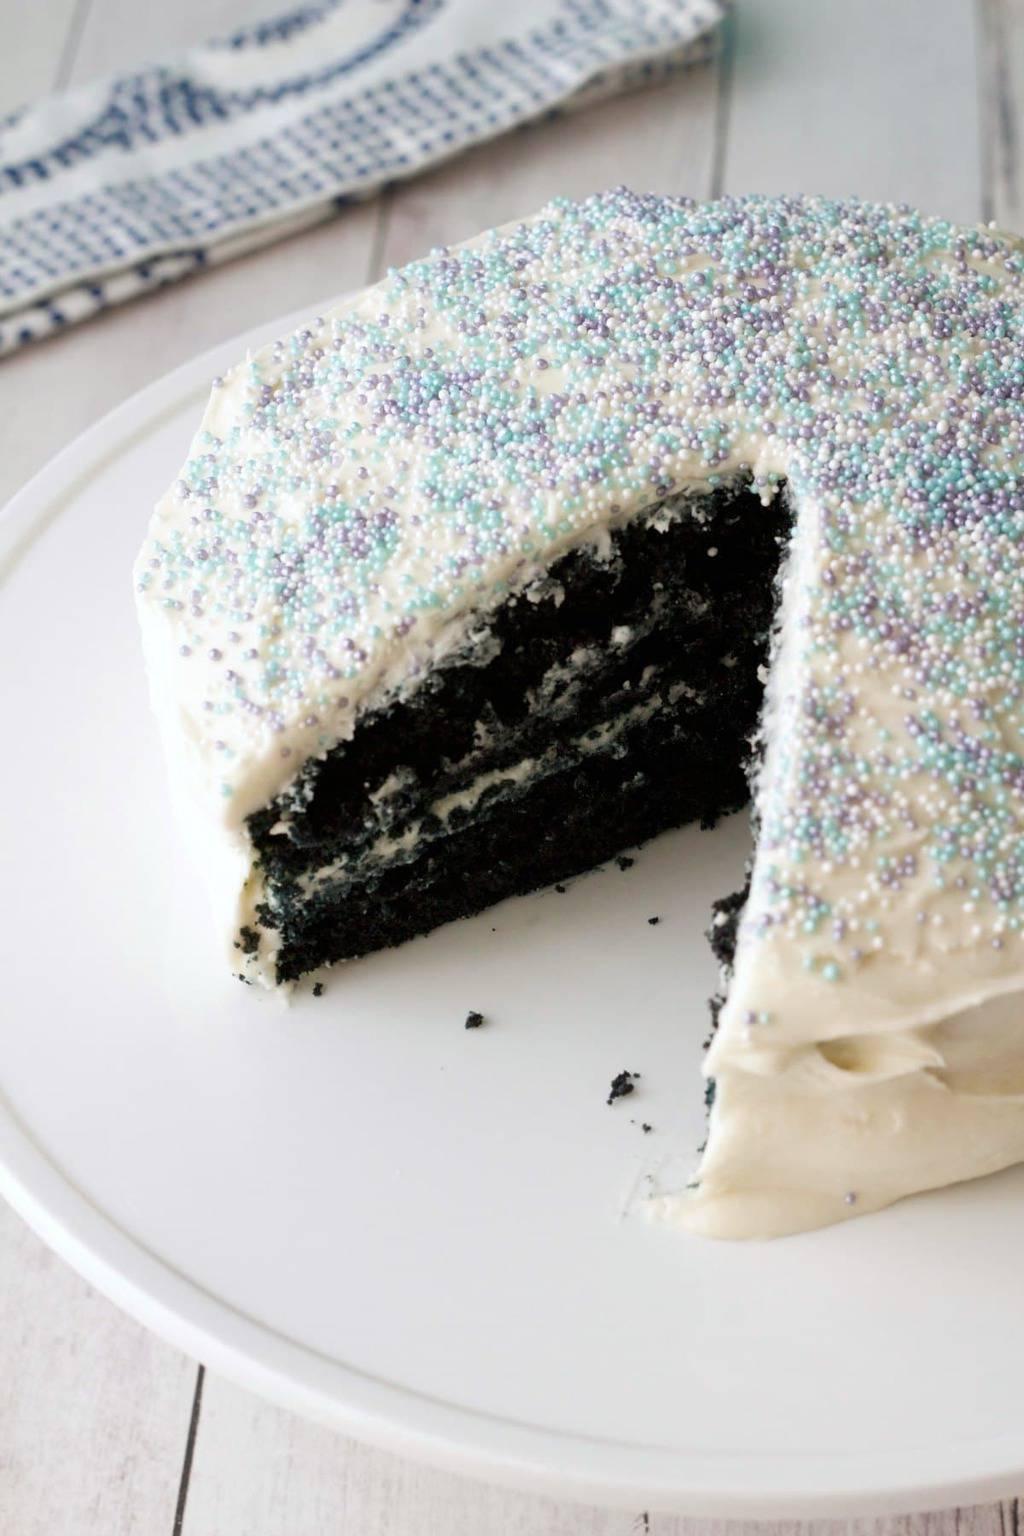 Vegan Blue Velvet Cake. Midnight blue cake frosted with vegan vanilla frosting. Simple, moist and delicious! #vegan #lovingitvegan #dessert #cake #bluevelvet